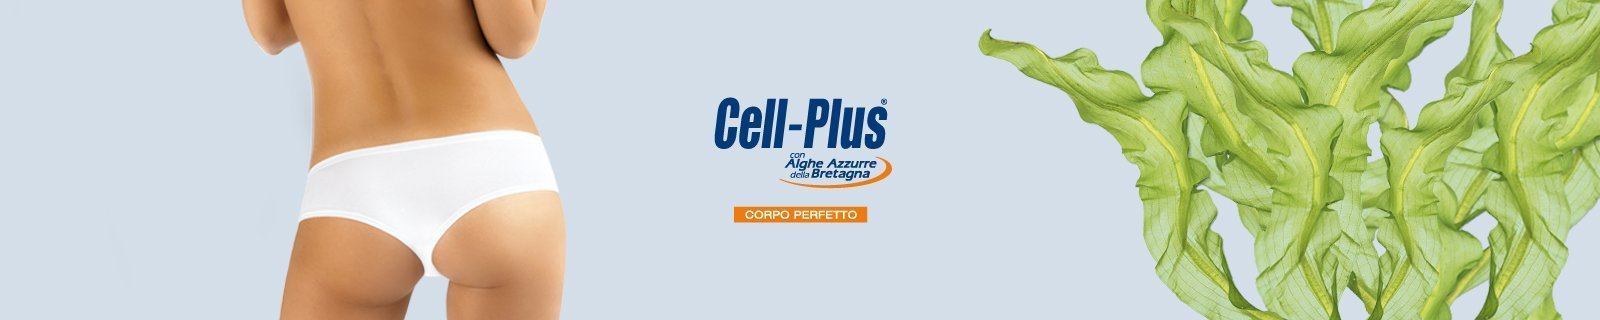 Cell-Plus Corpo Perfetto